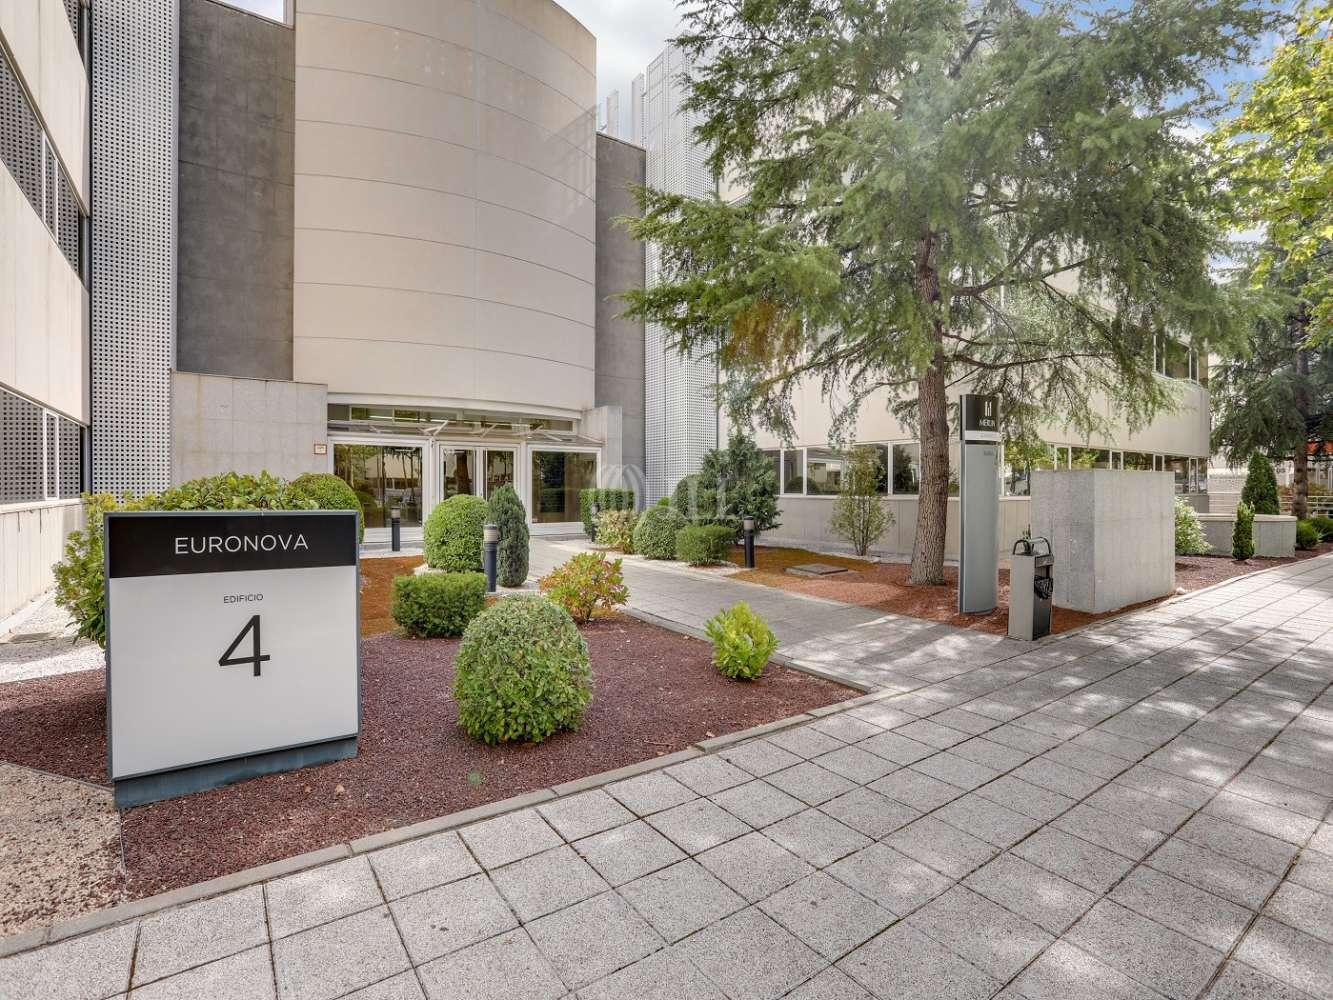 Oficina Tres cantos, 28760 - Euronova - Edificio 4 - 21414